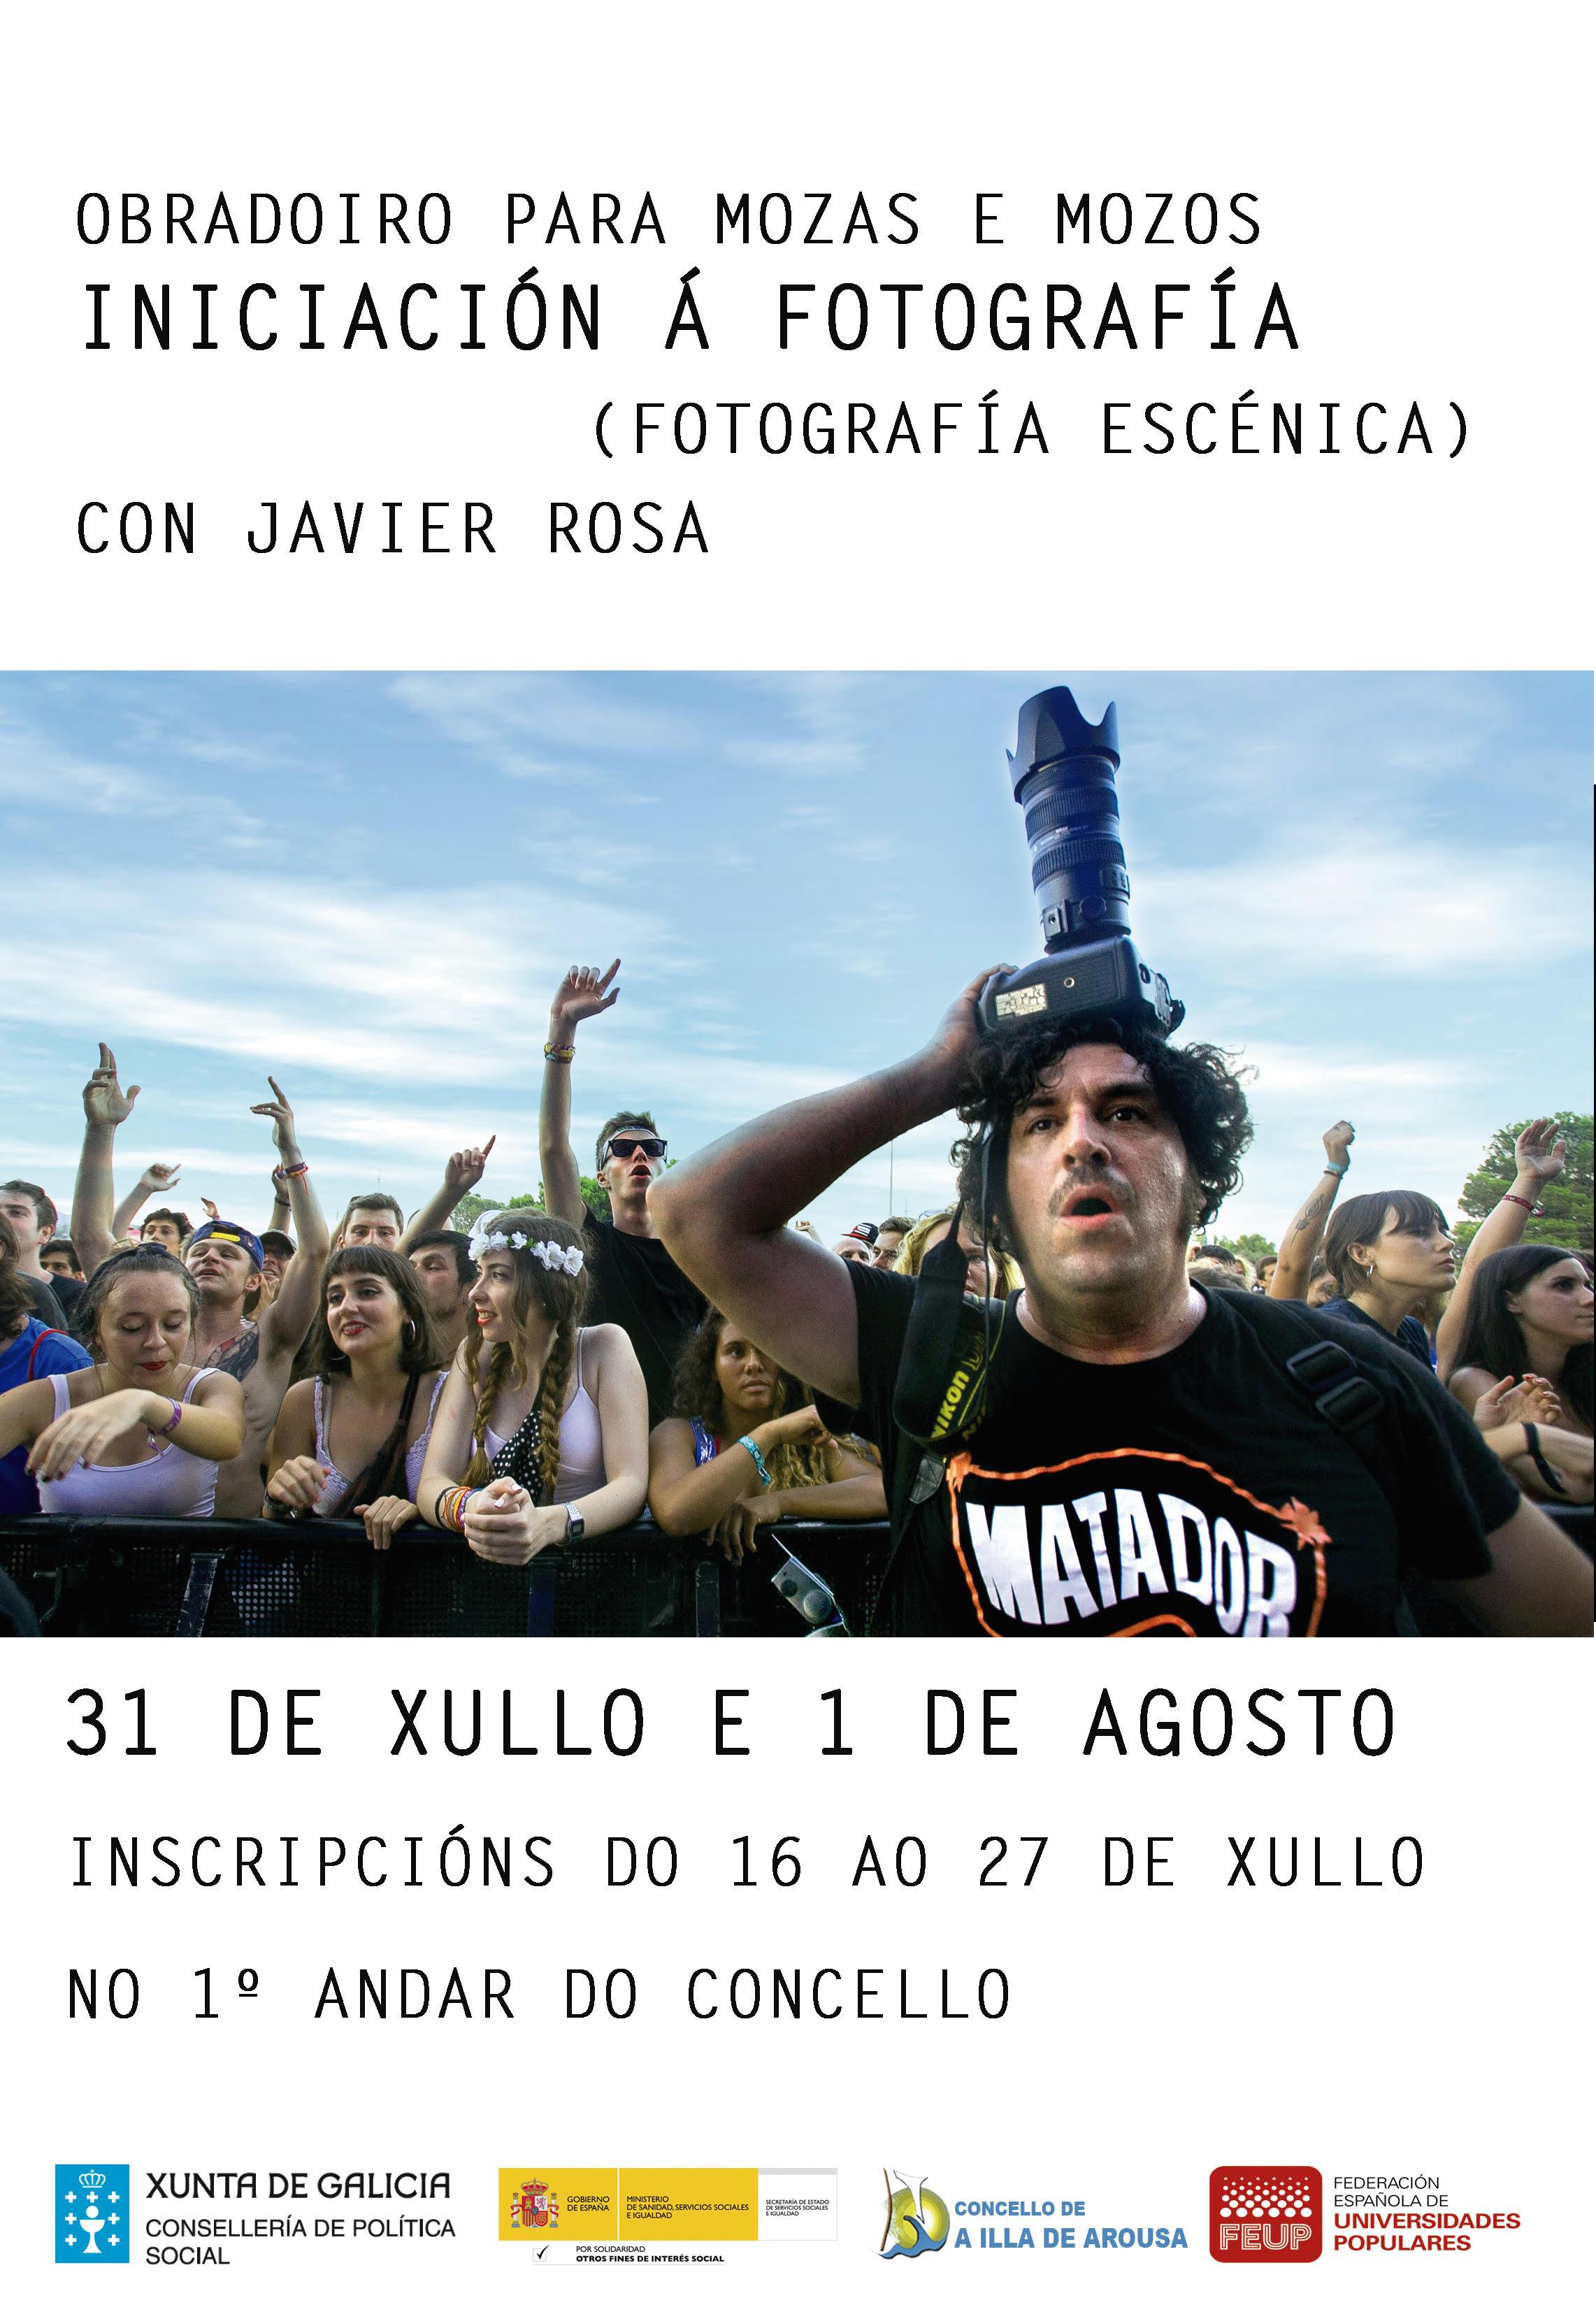 OBRADOIRO DE FOTOGRAFÍA (FOTOGRAFÍA ESCÉNICA) CON JAVIER ROSA